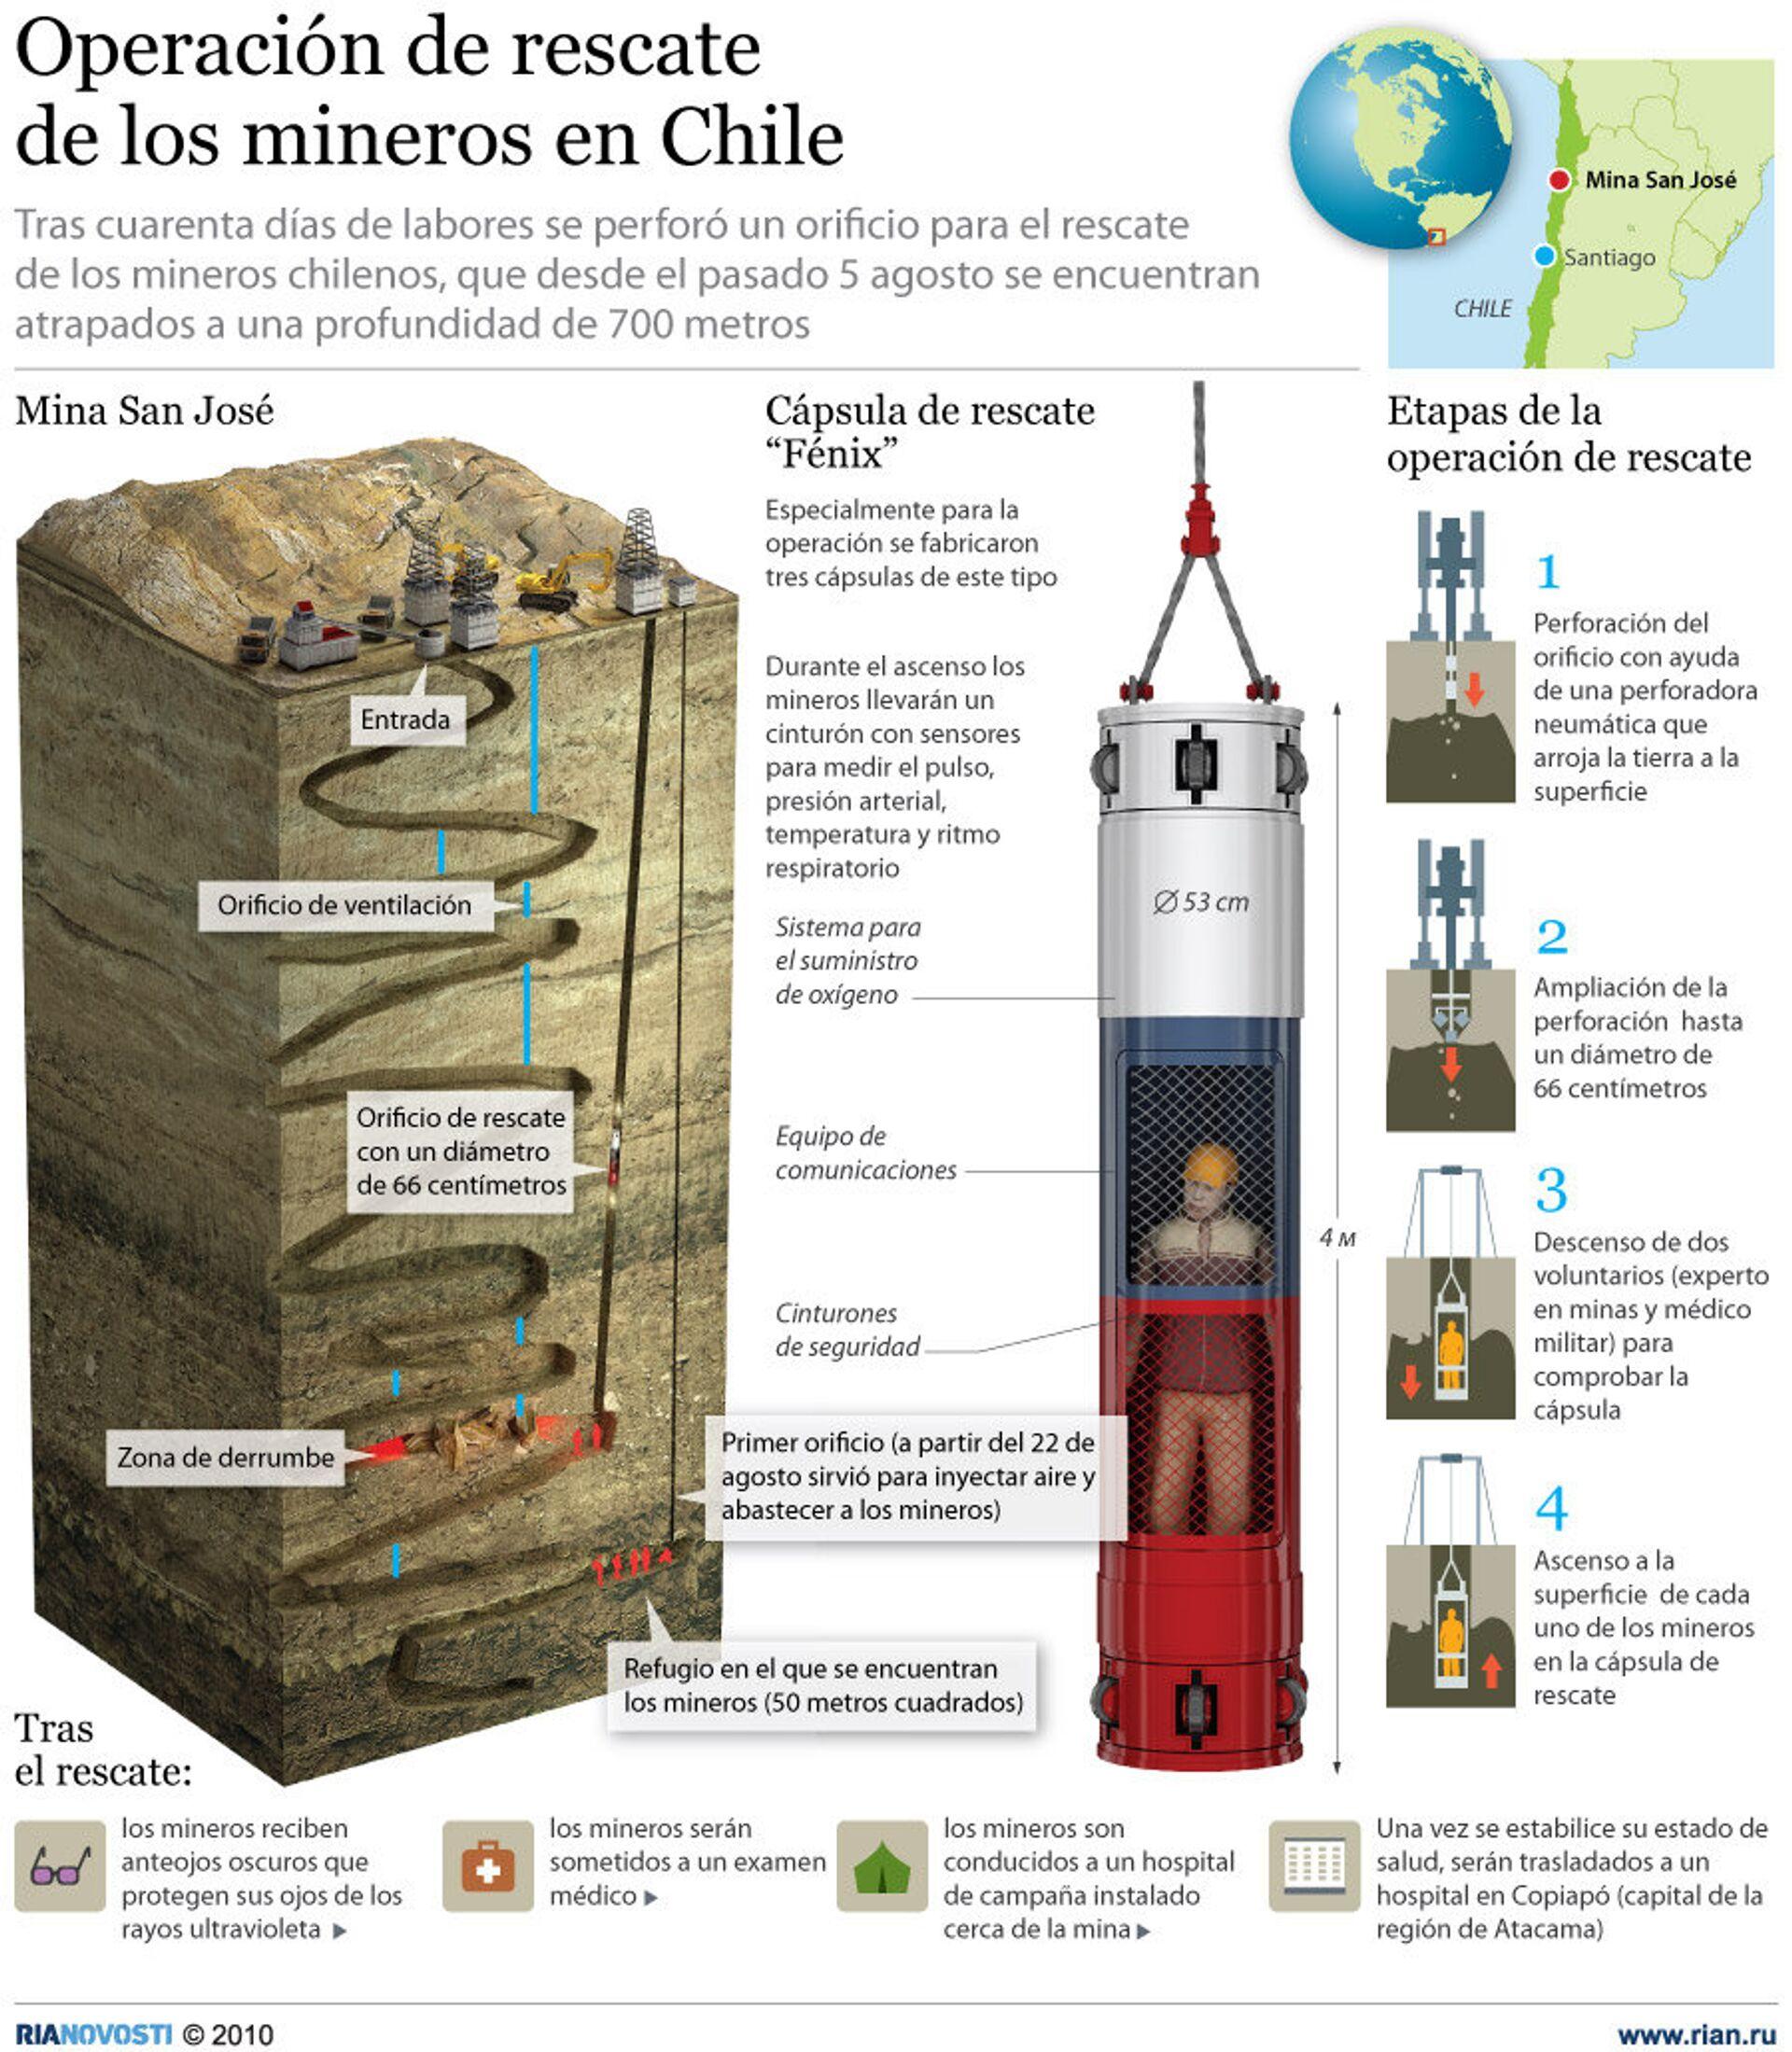 Operación de rescate de los mineros en Chile - 13.10.2010, Sputnik Mundo